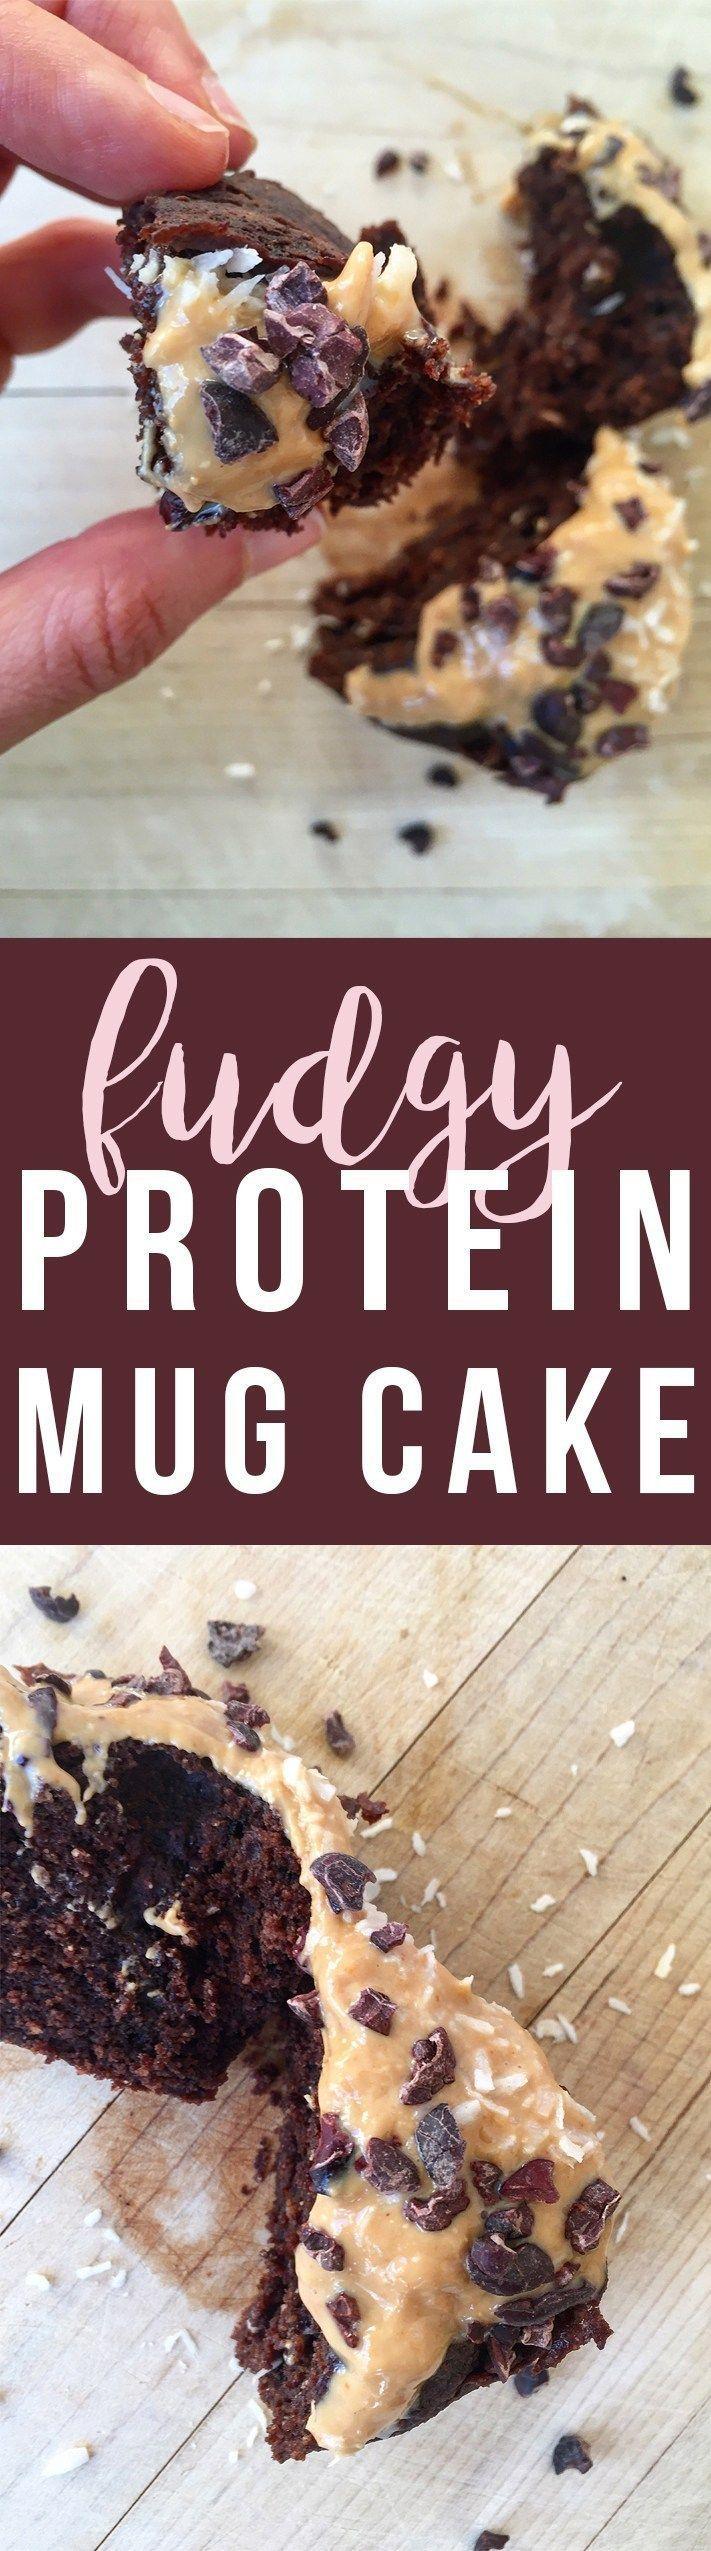 Fudgy Protein Mug Cake #proteinmugcakes Fudgy Protein Mug Cake | Fresh Planet Flavor #proteinmugcakes Fudgy Protein Mug Cake #proteinmugcakes Fudgy Protein Mug Cake | Fresh Planet Flavor #proteinmugcakes